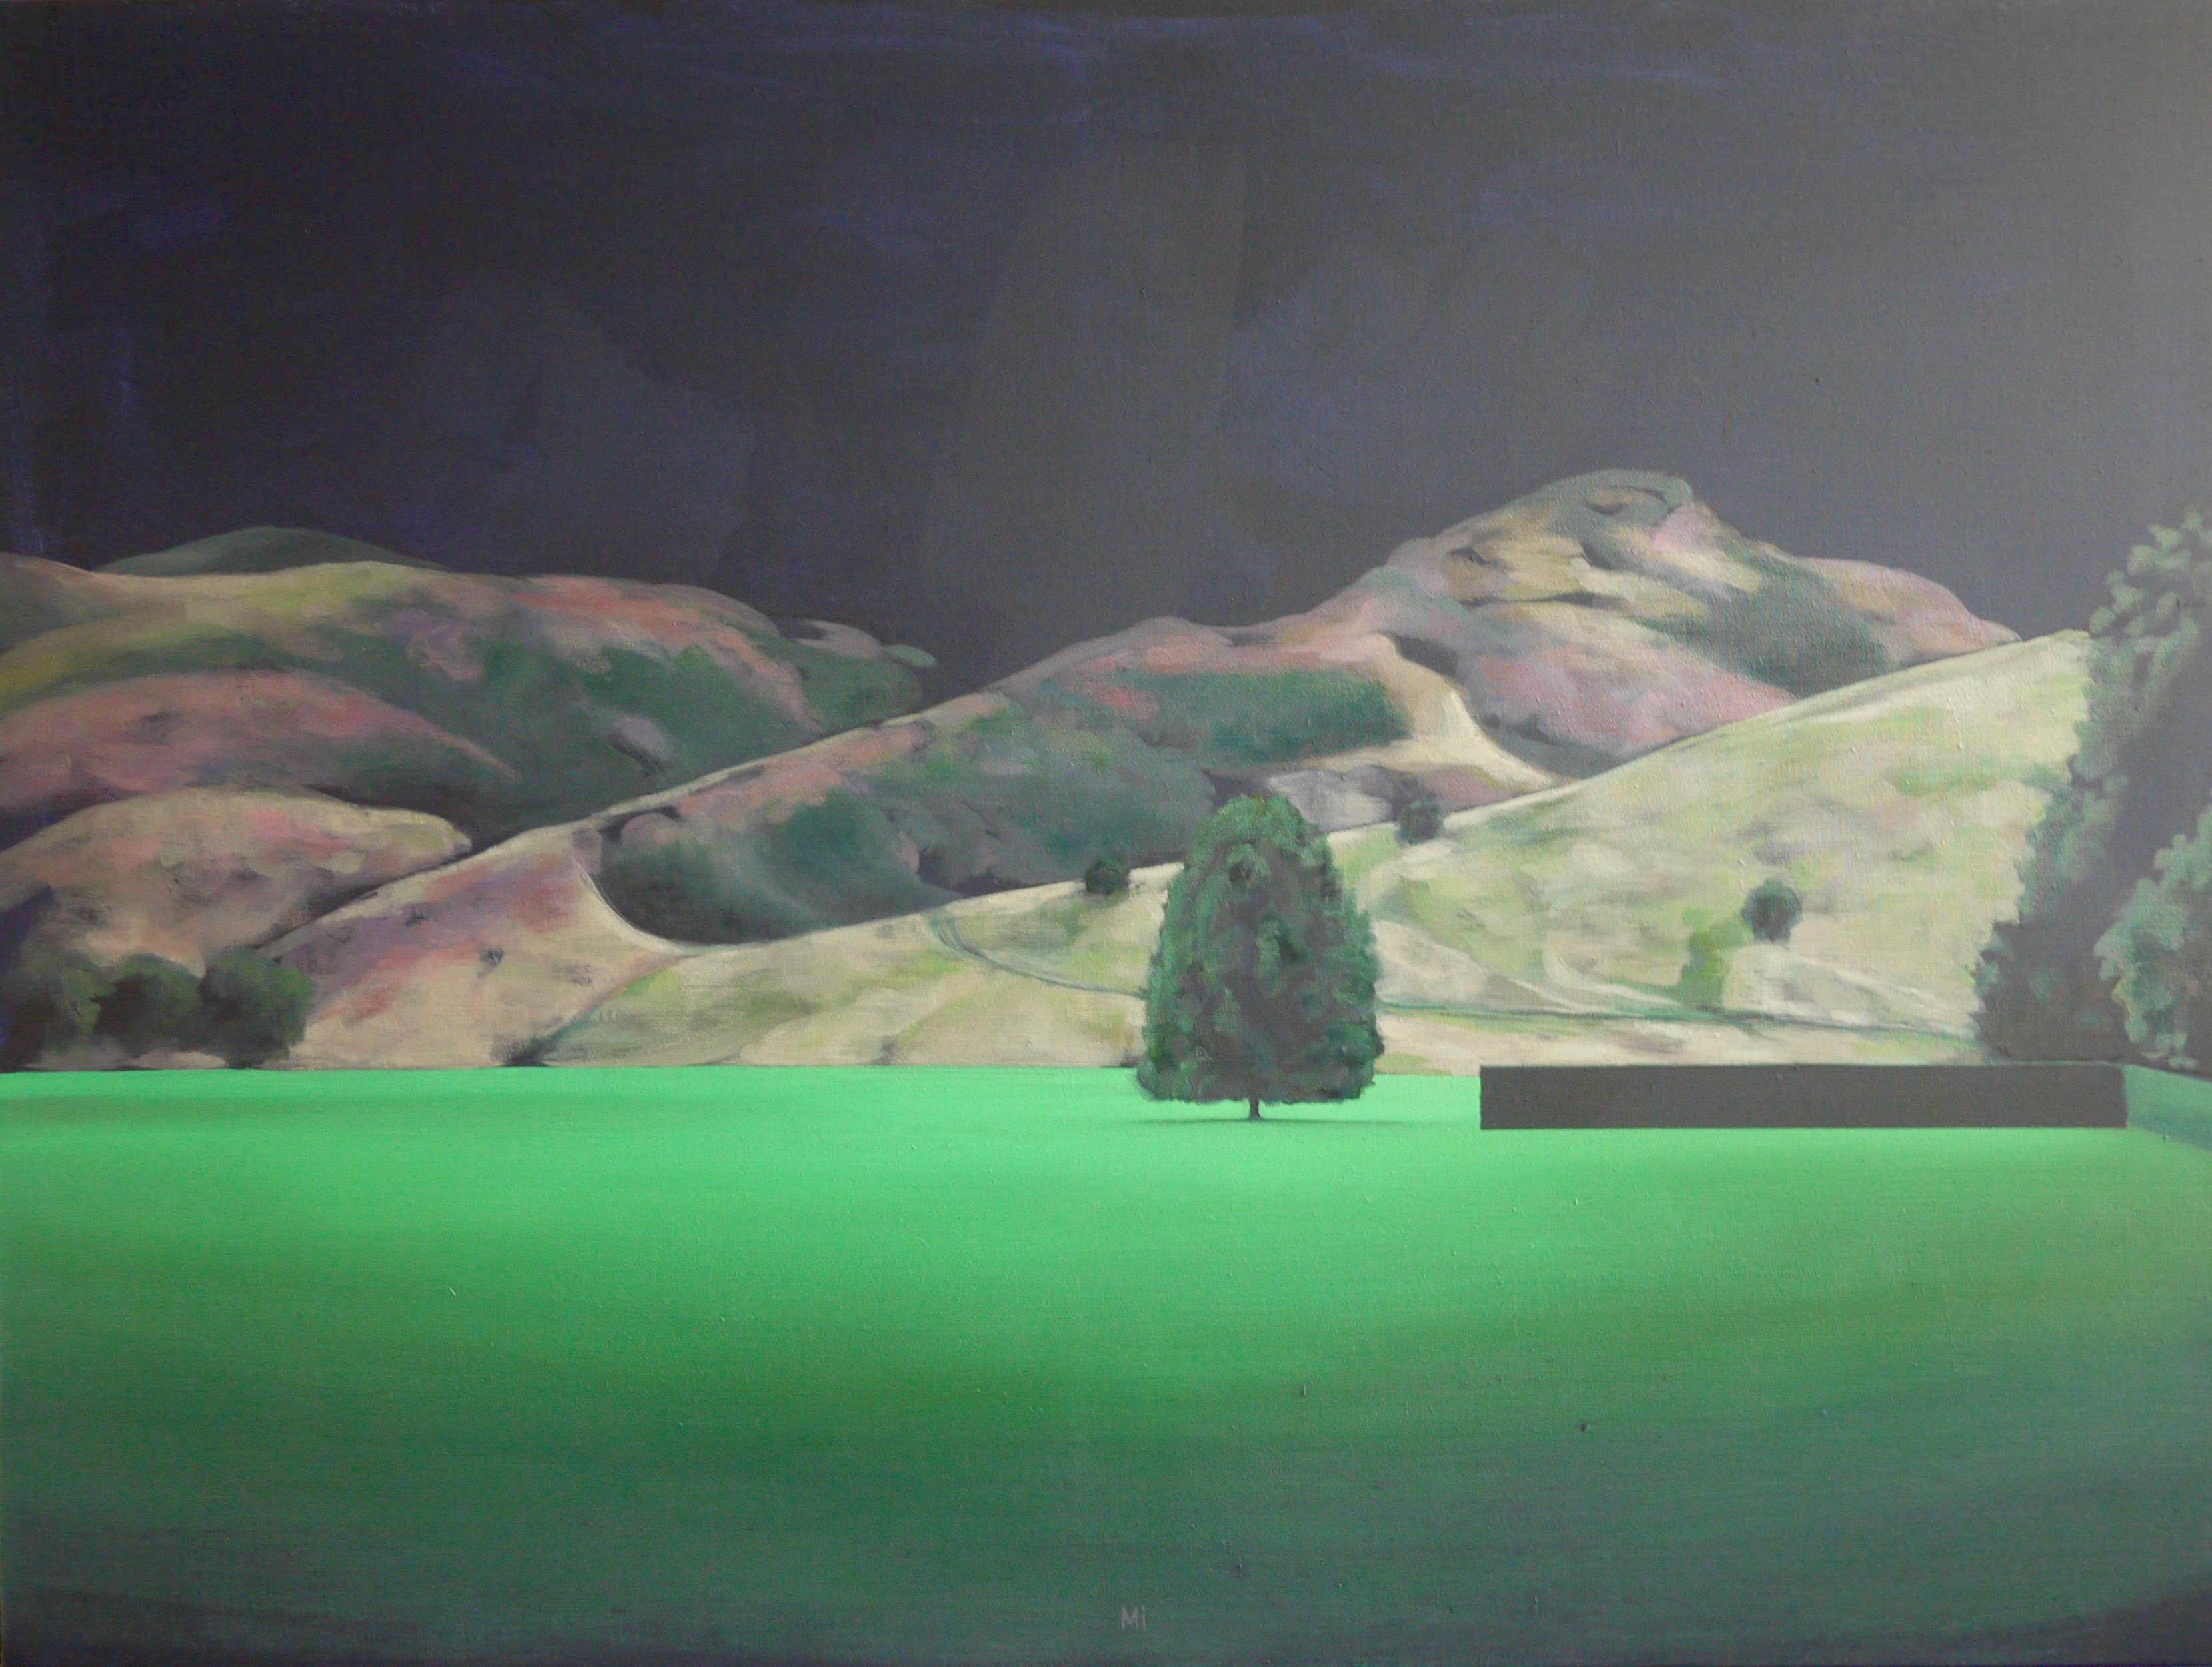 landscape, mathieu iquel 2017 scotland